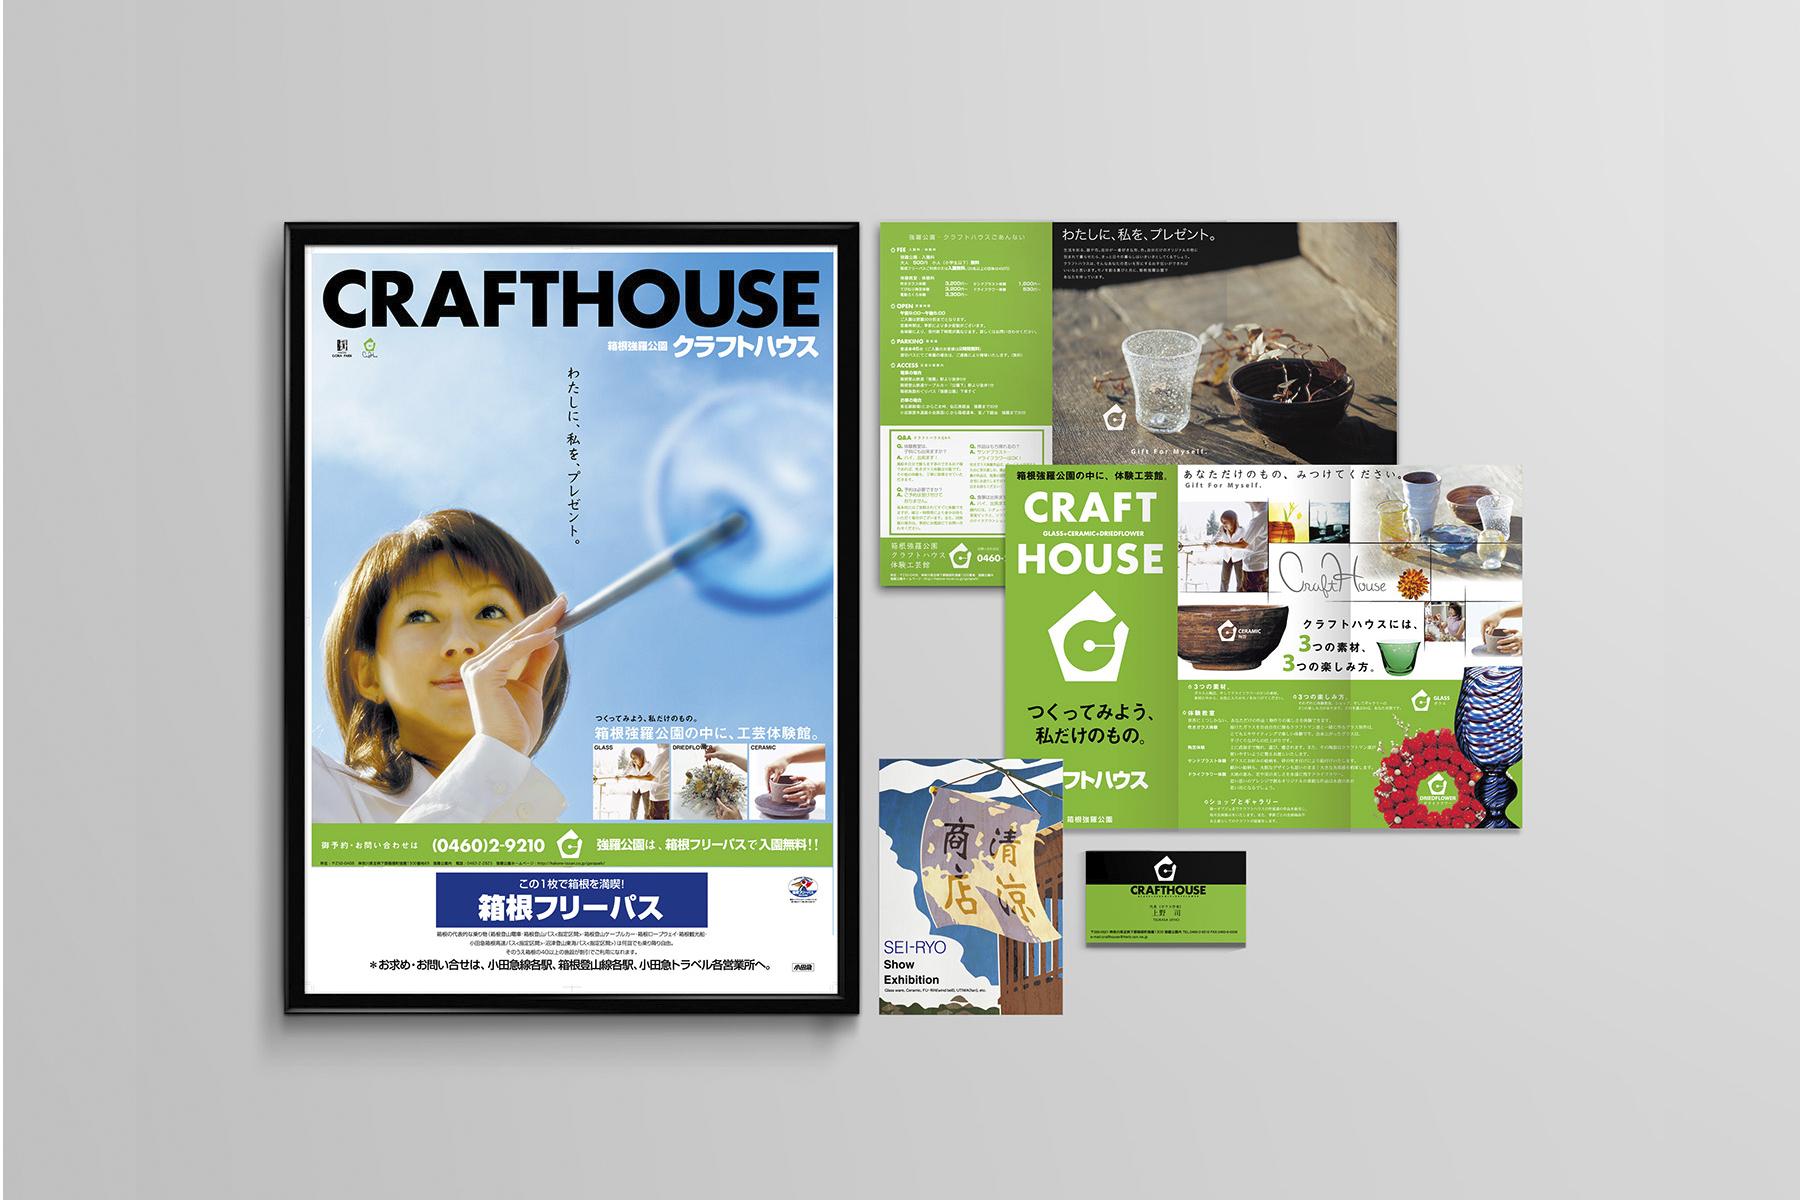 箱根クラフトハウス CI デザイン 株式会社hush